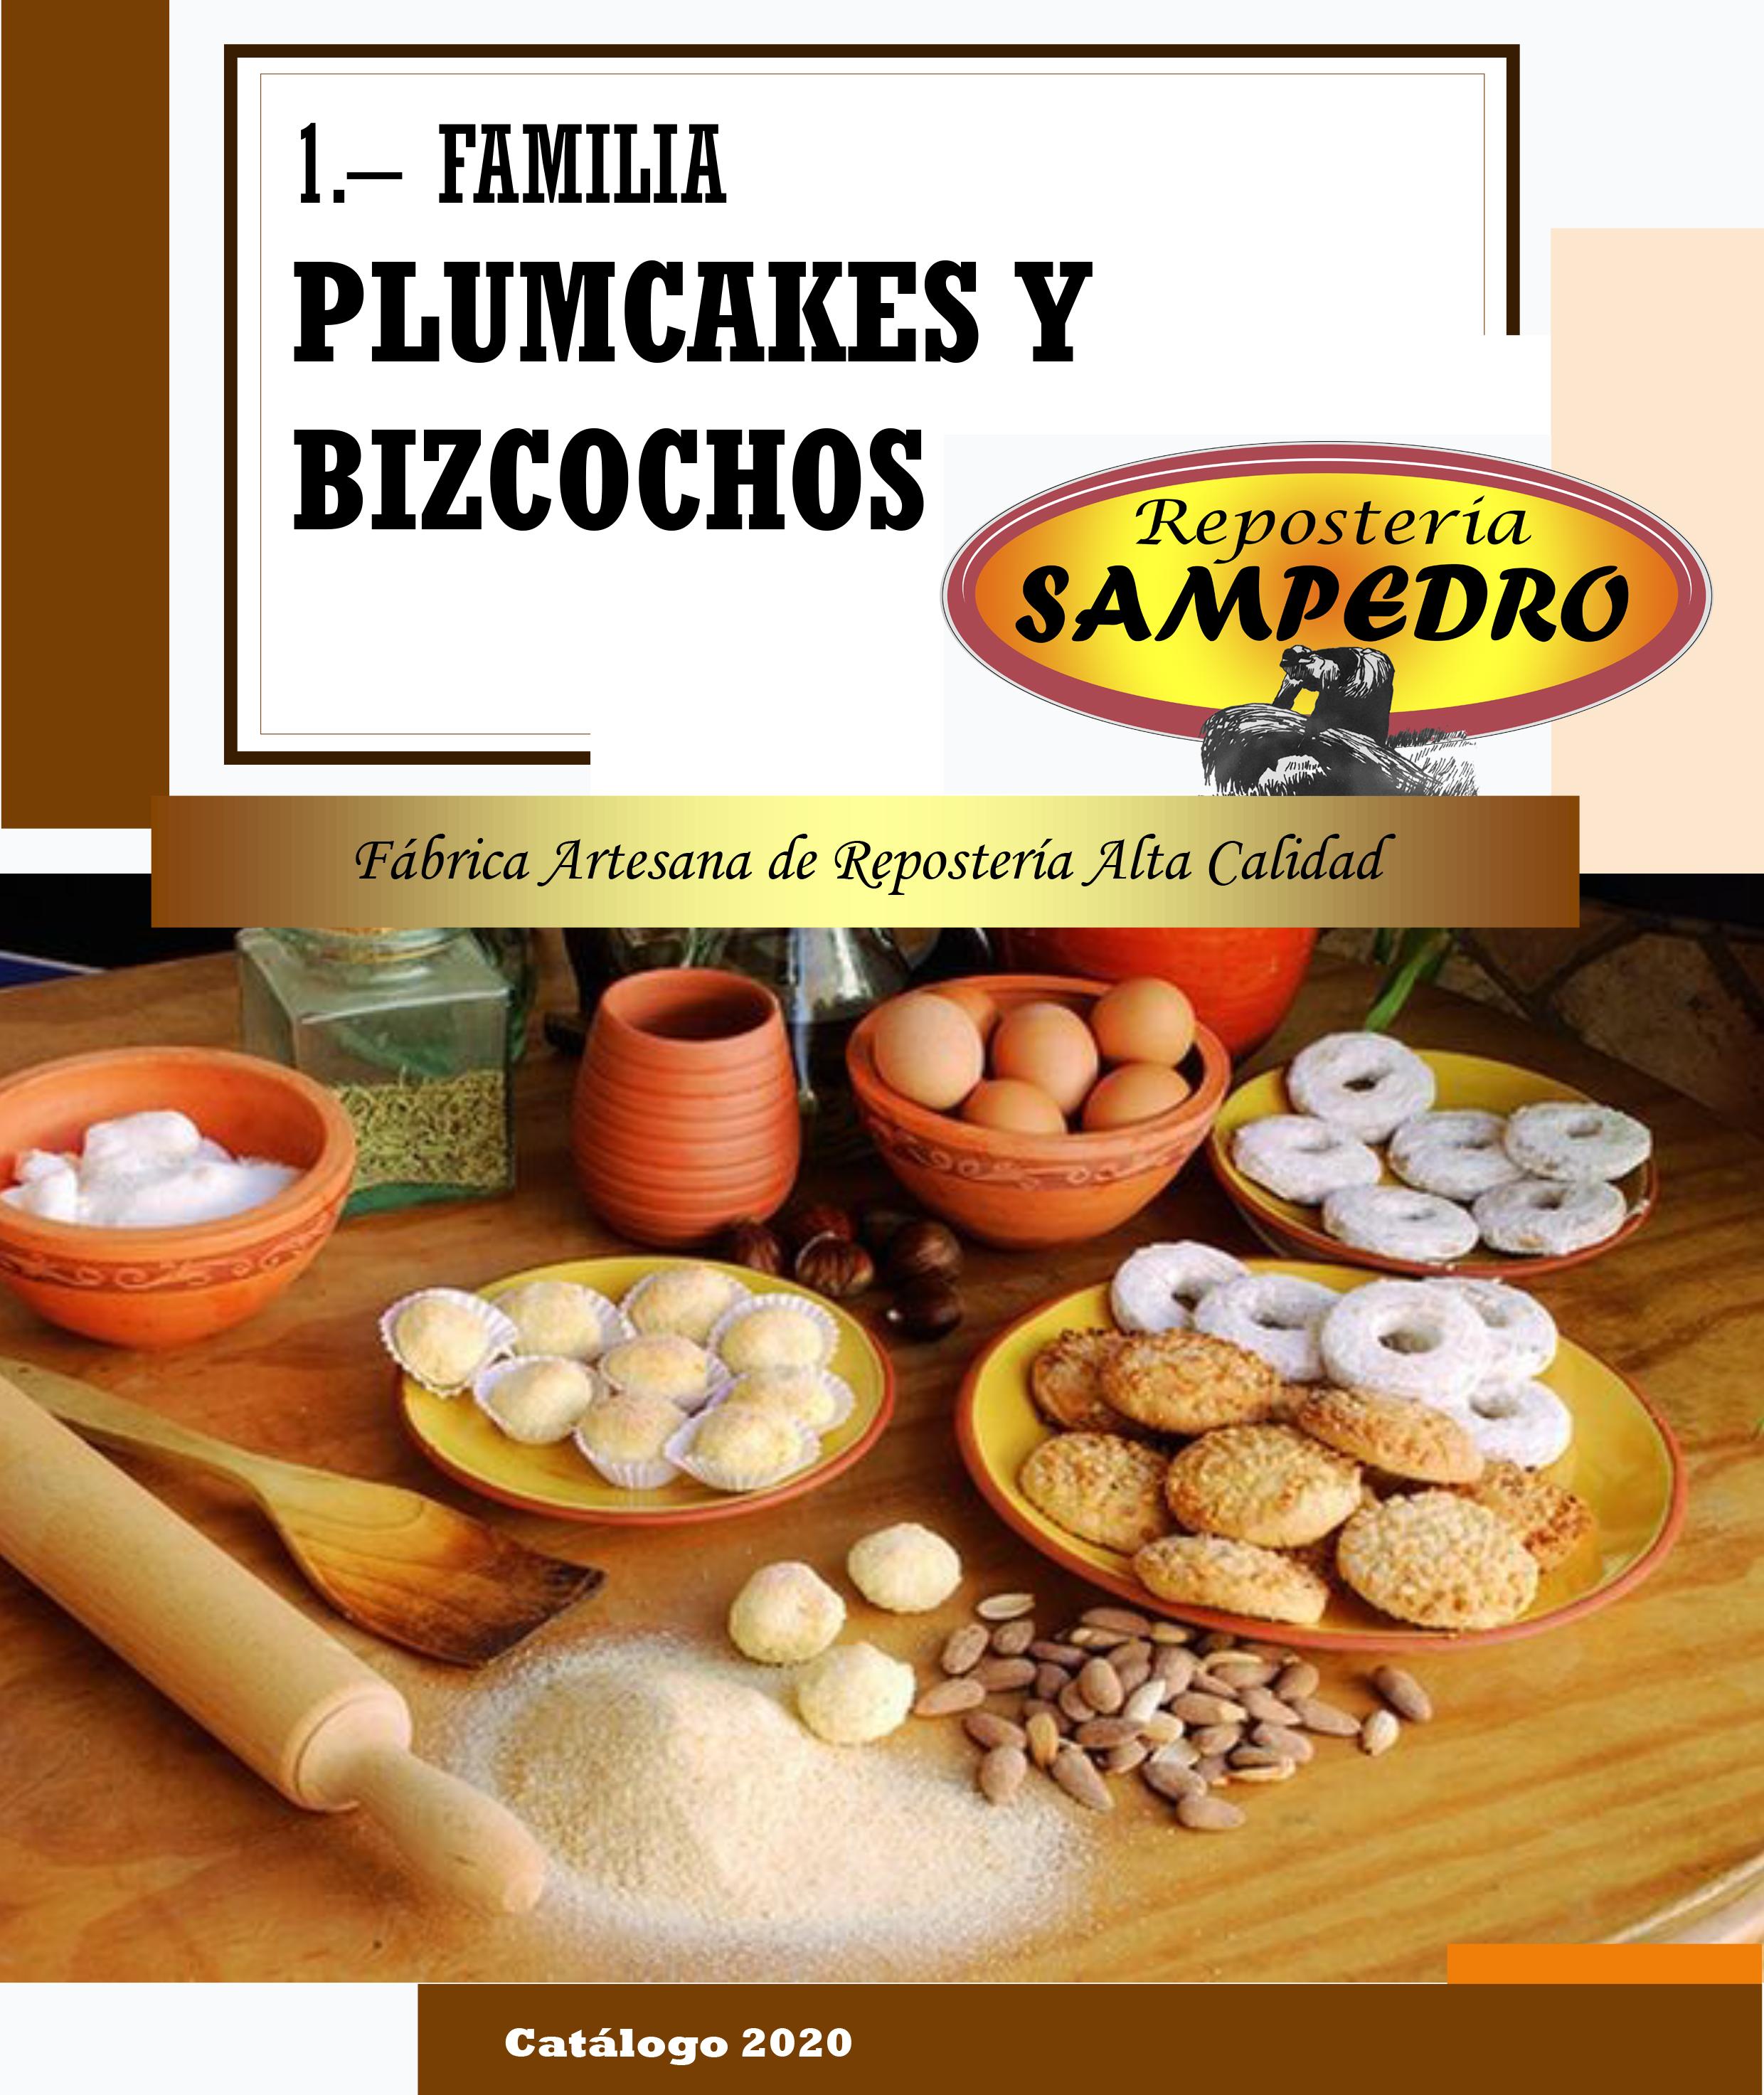 Cakes y bizcochos sampedro